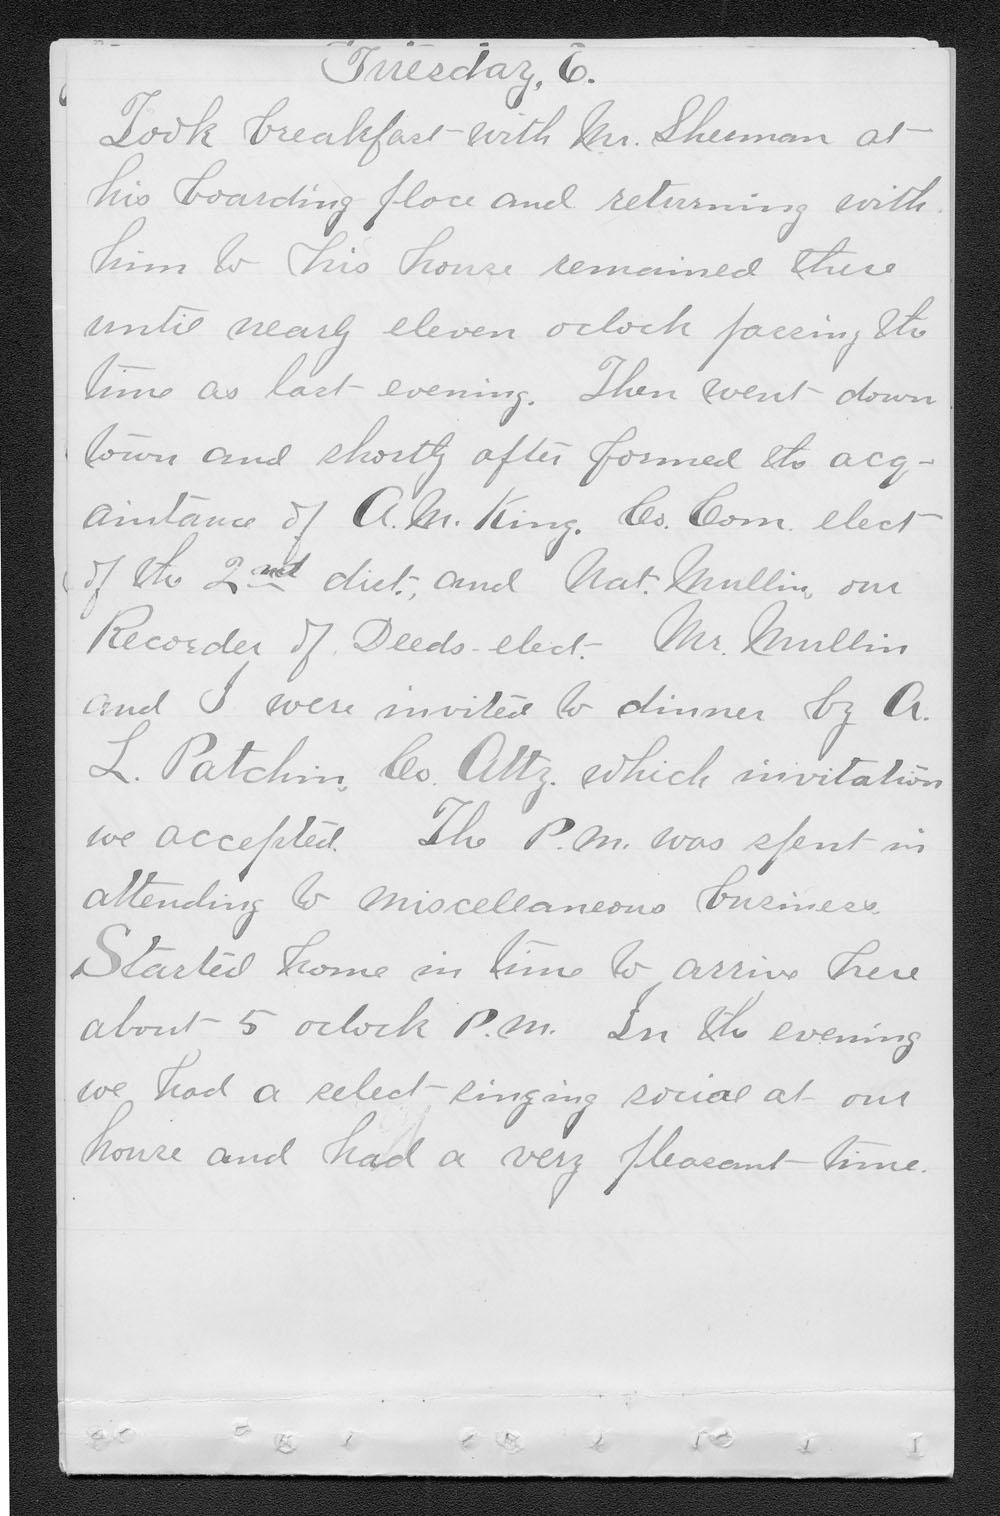 Elam Bartholomew diary - Jan 6, 1880